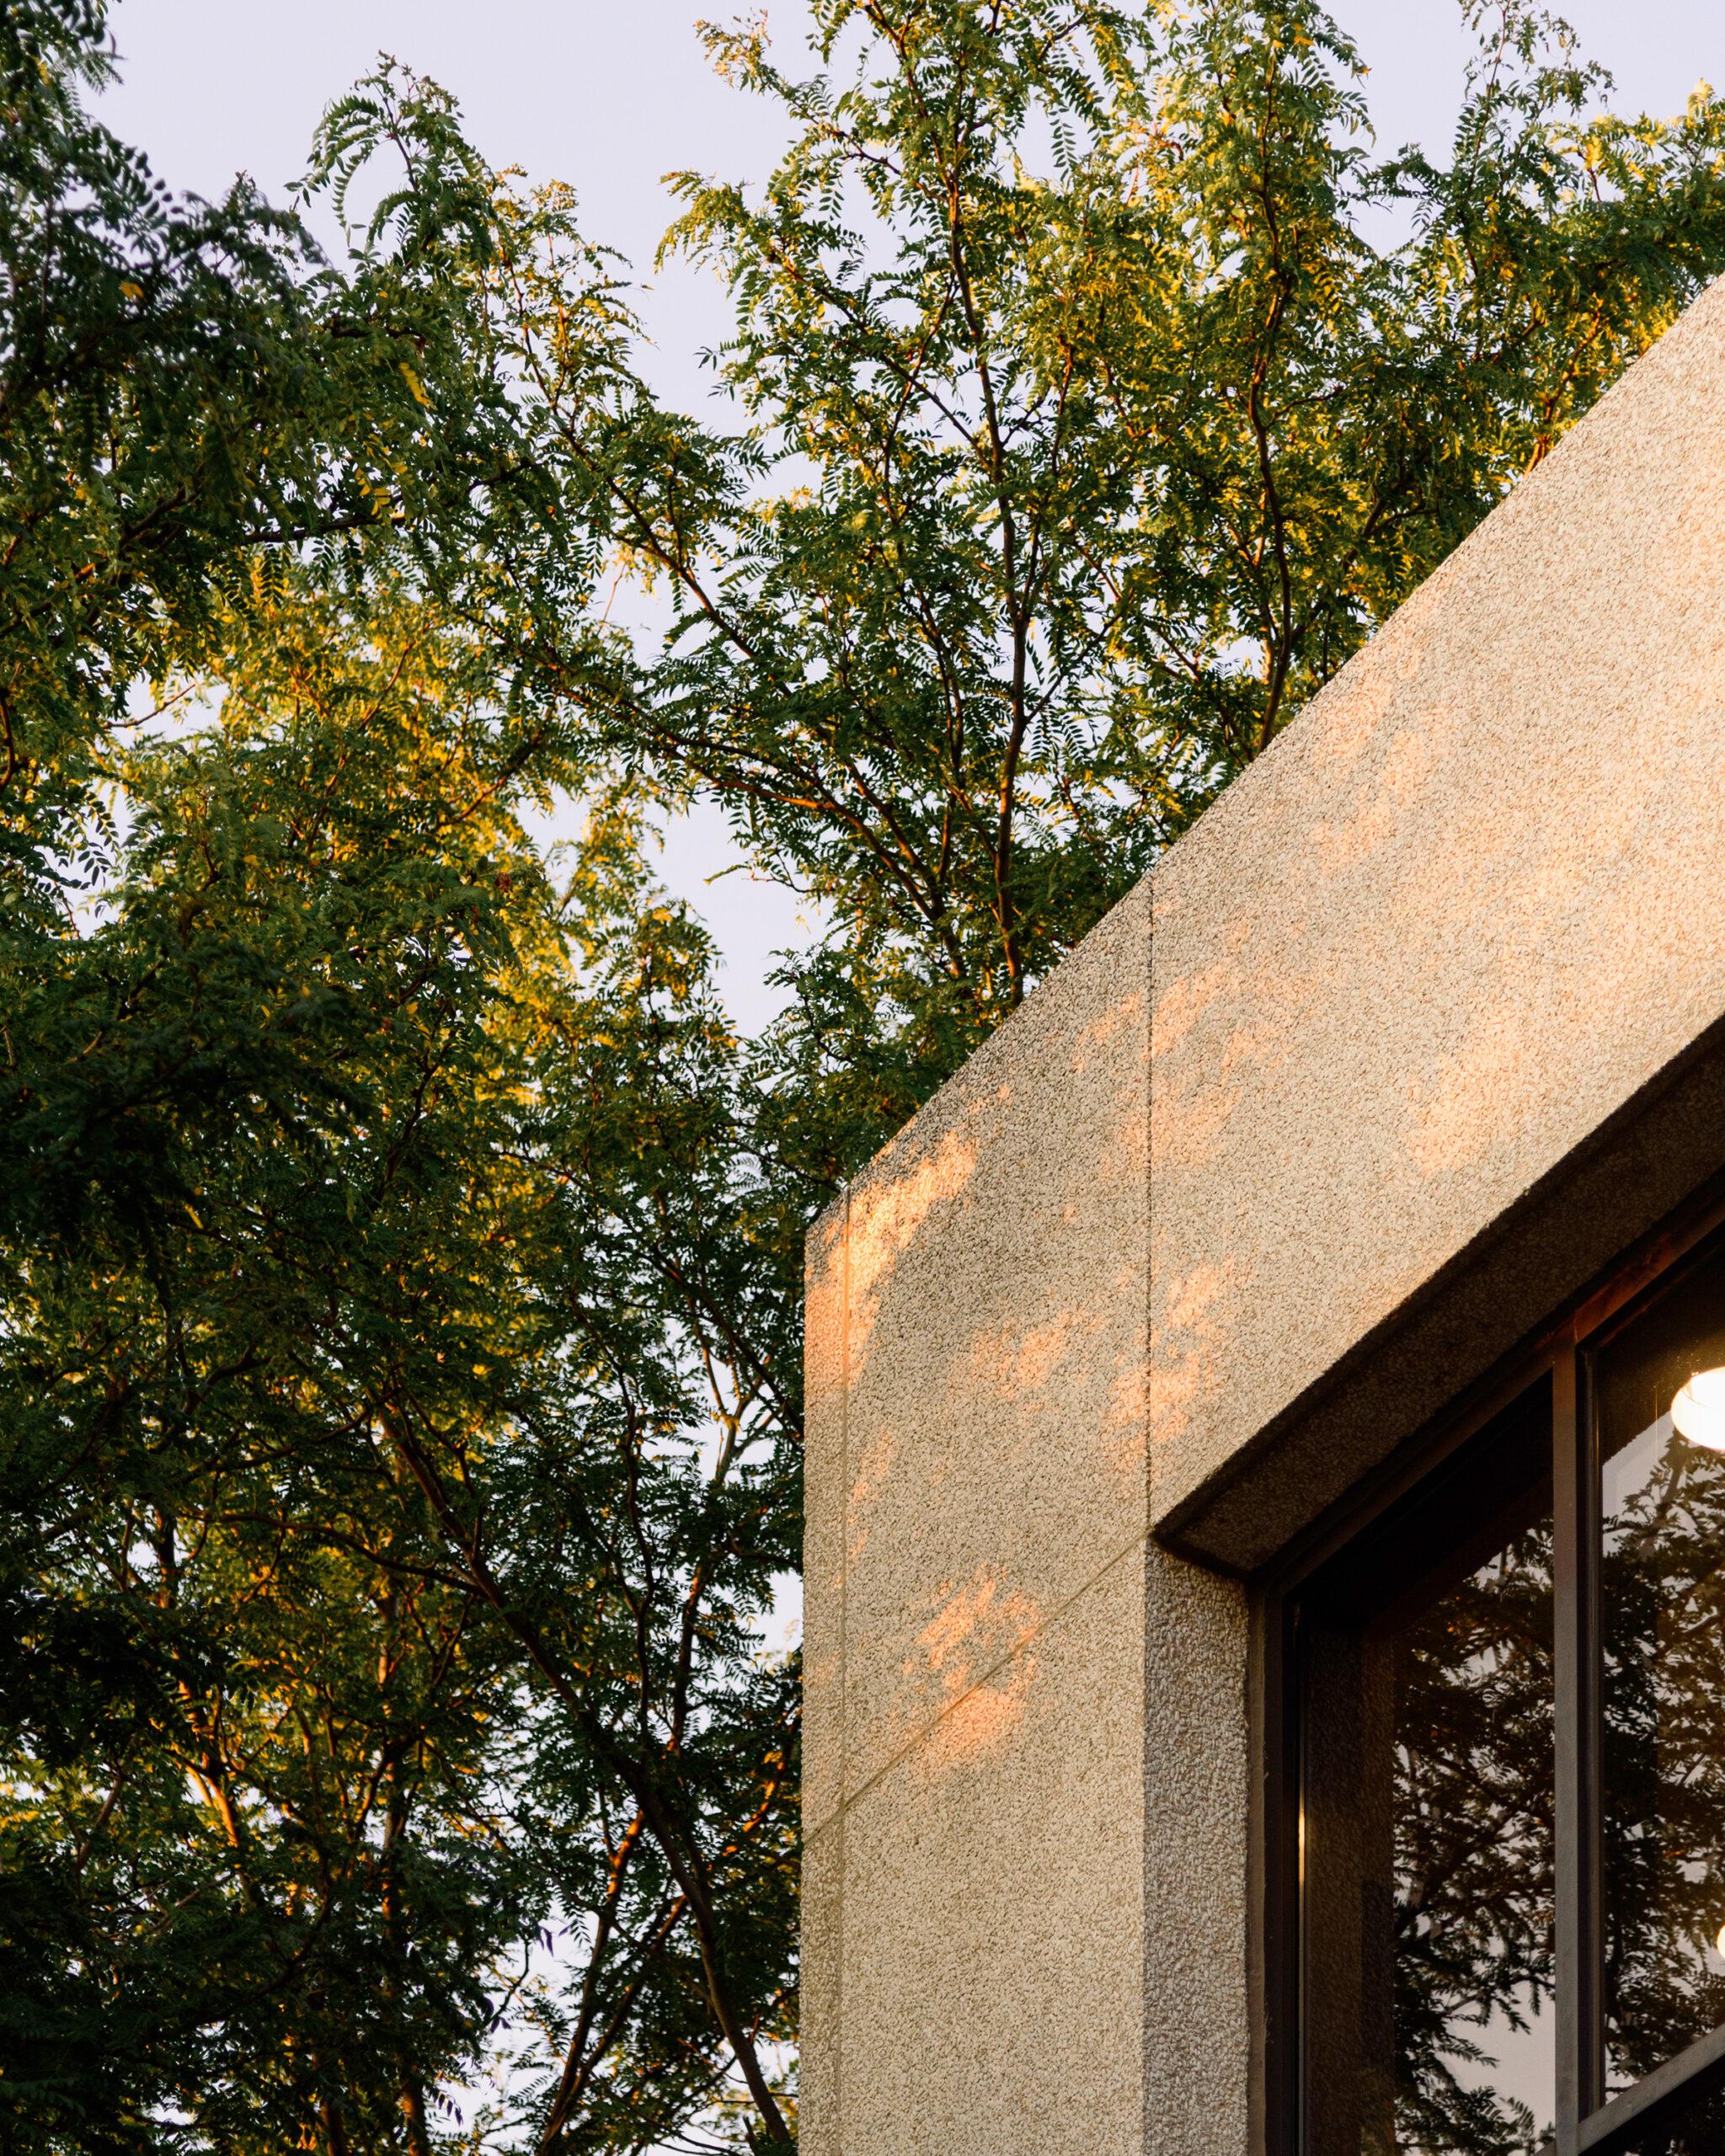 Architecture_002